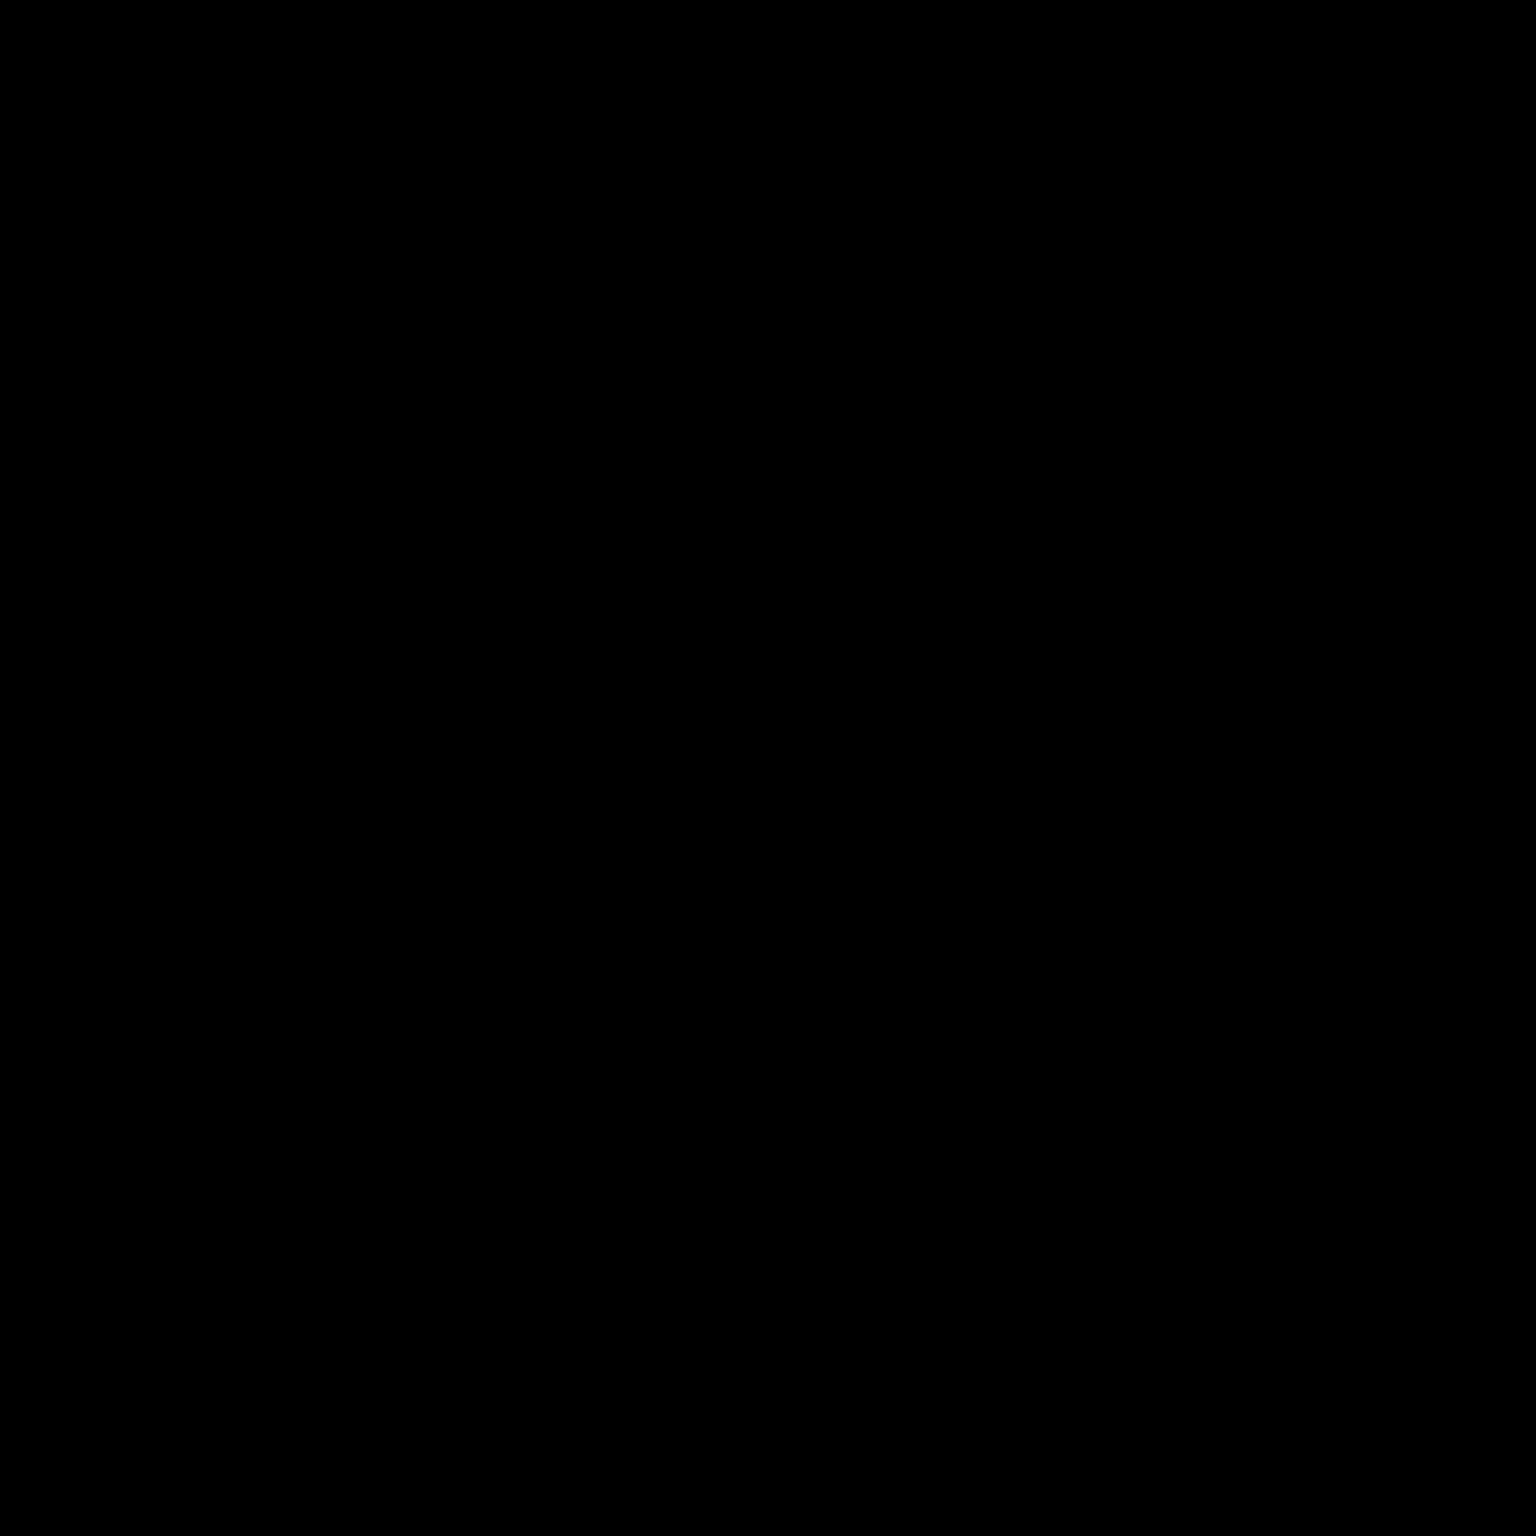 símbolo de cadeirante, representando uma lesão medular